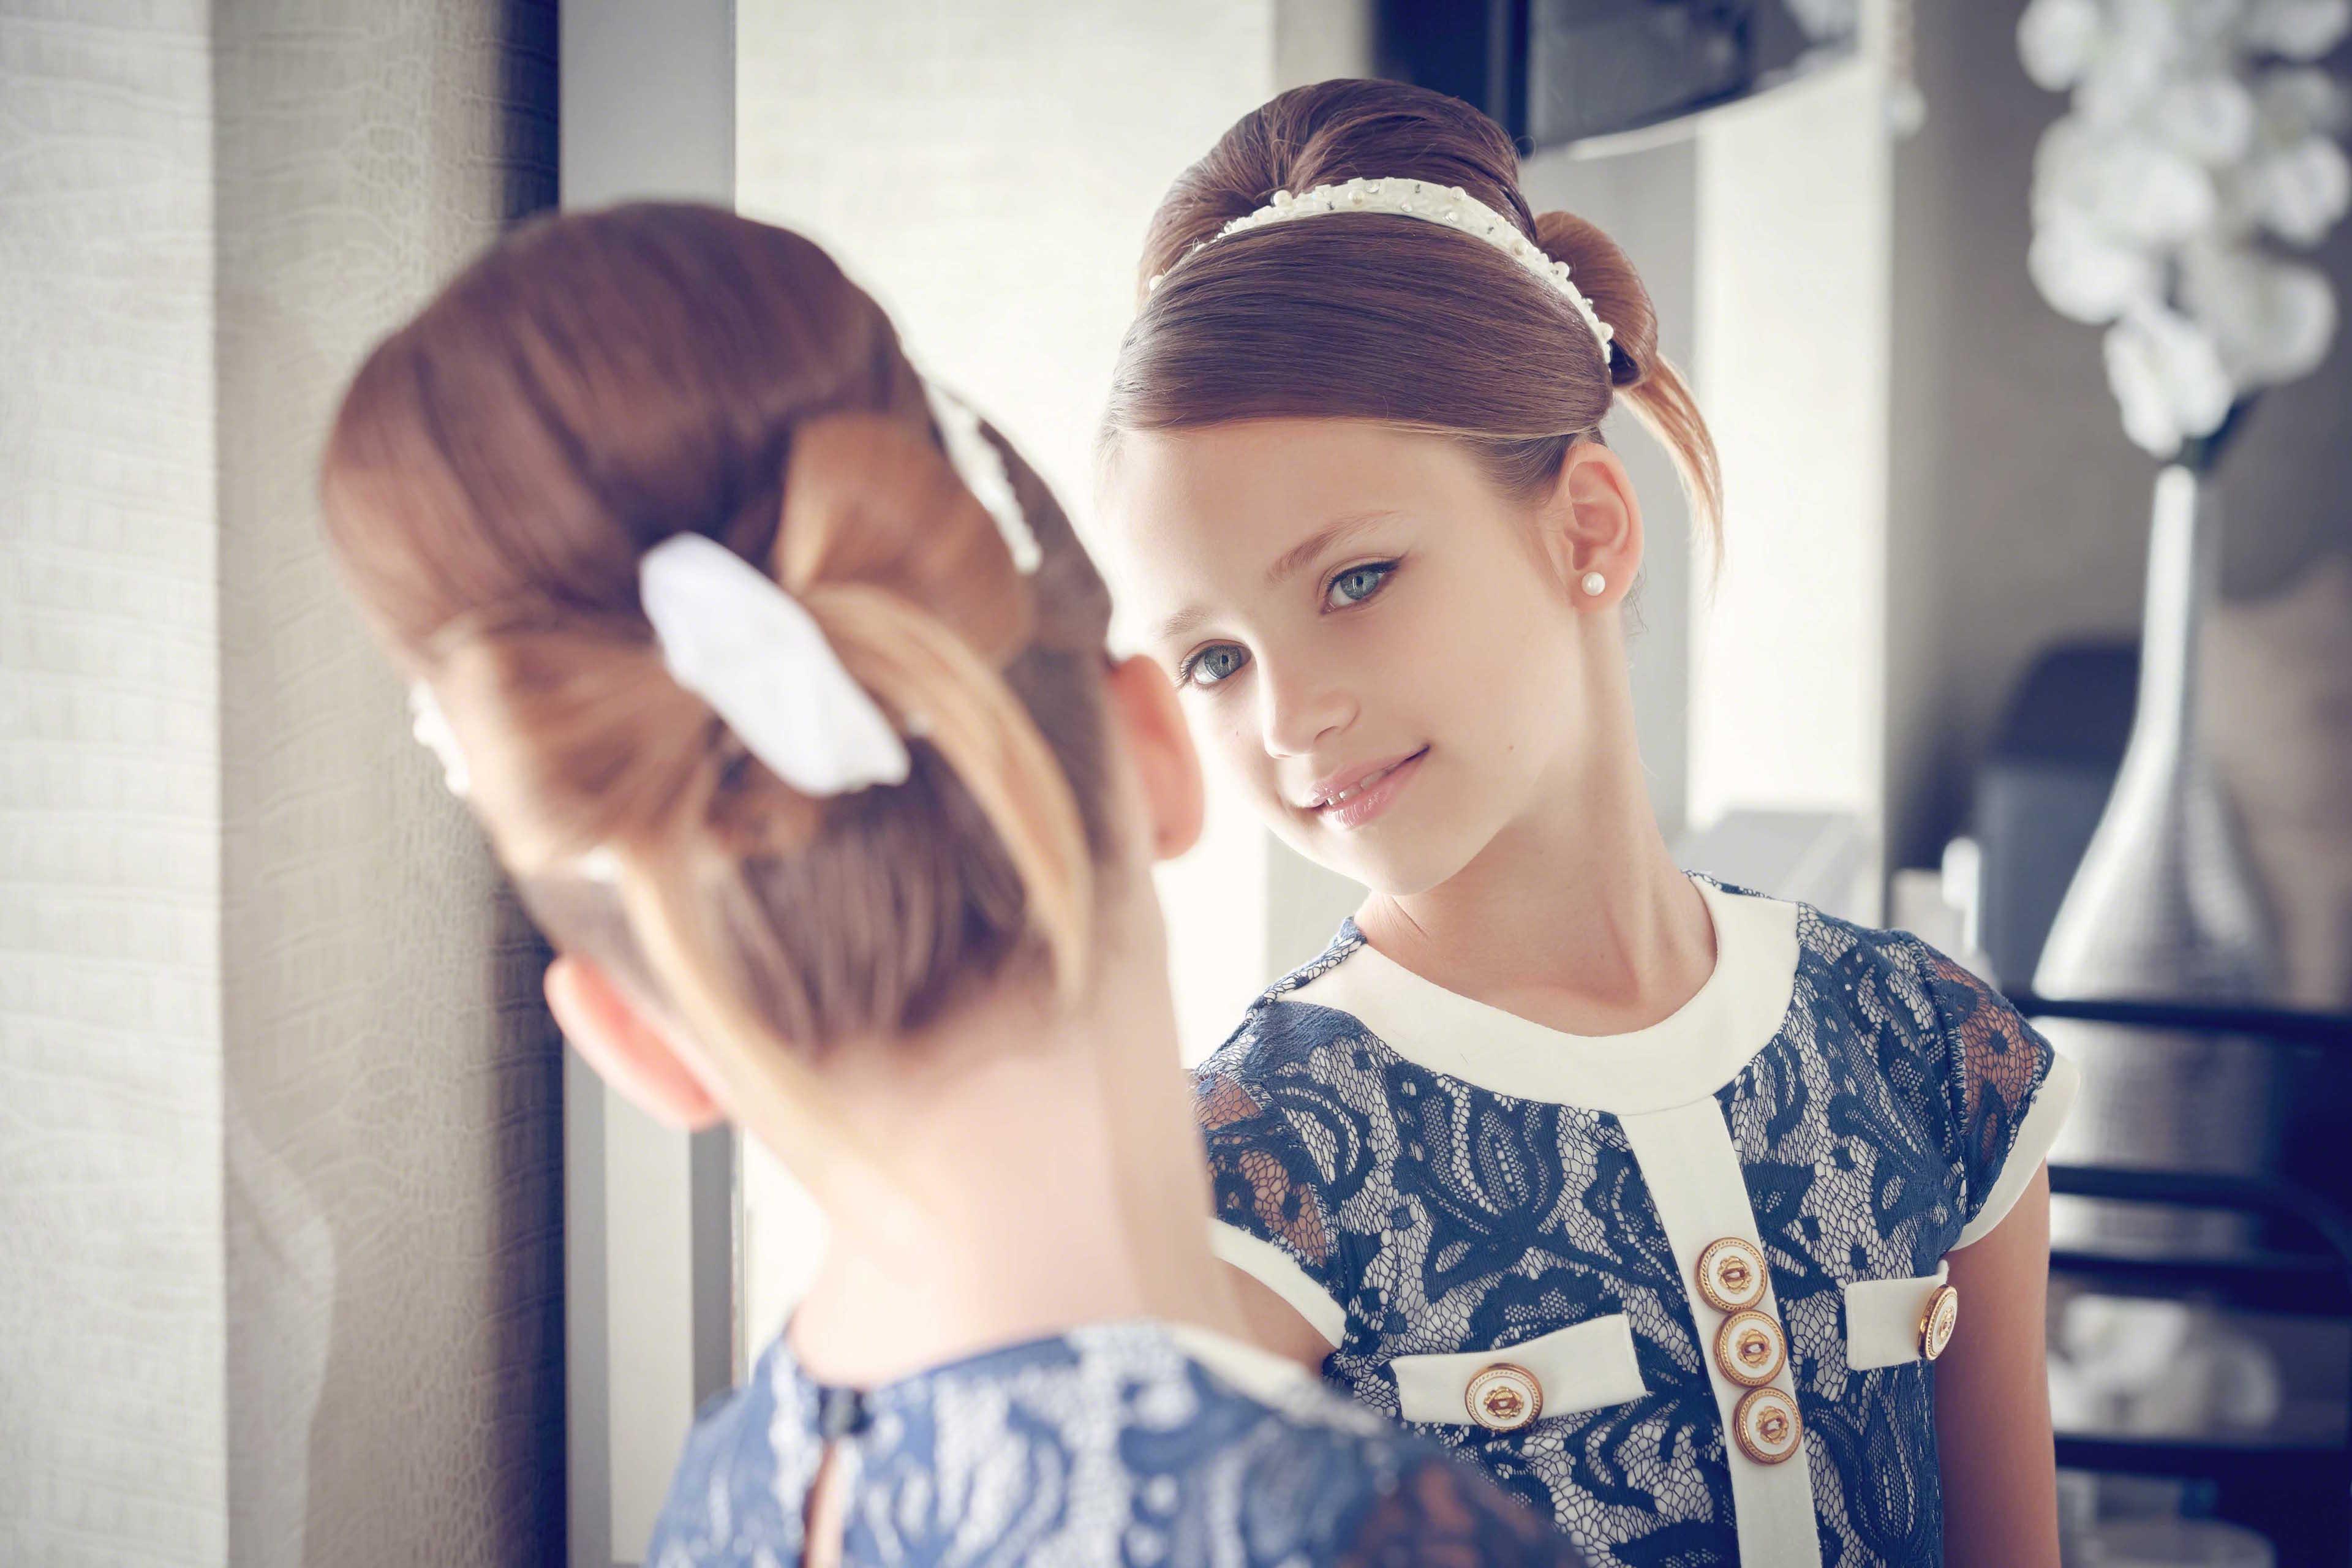 Niña mirándose al espejo